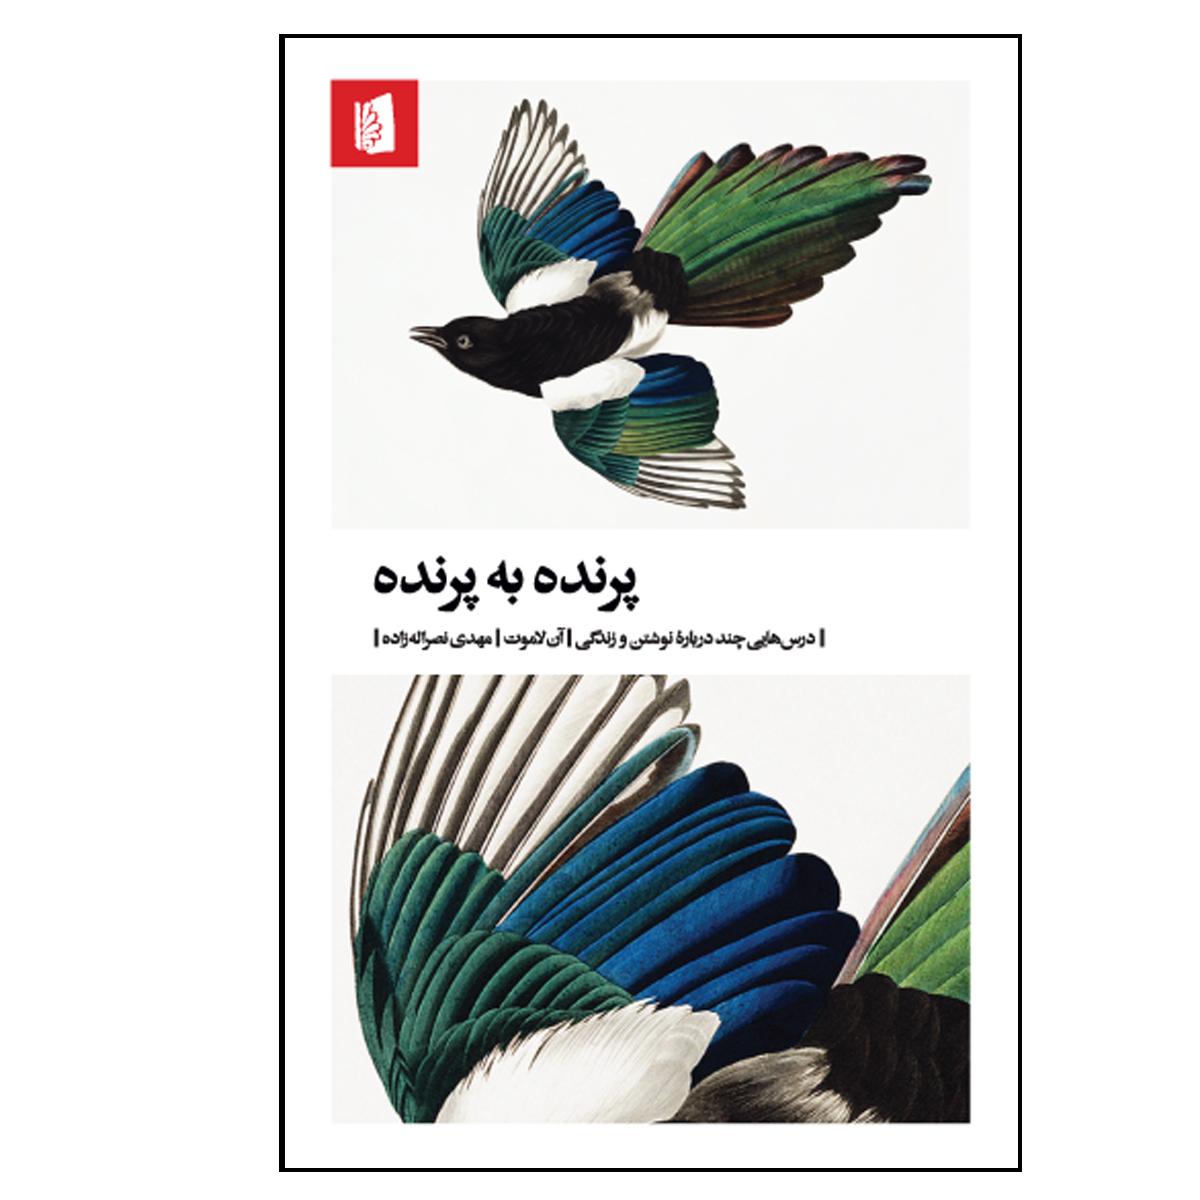 خرید                      کتاب پرنده به پرنده اثر آن لاموت نشر بیدگل